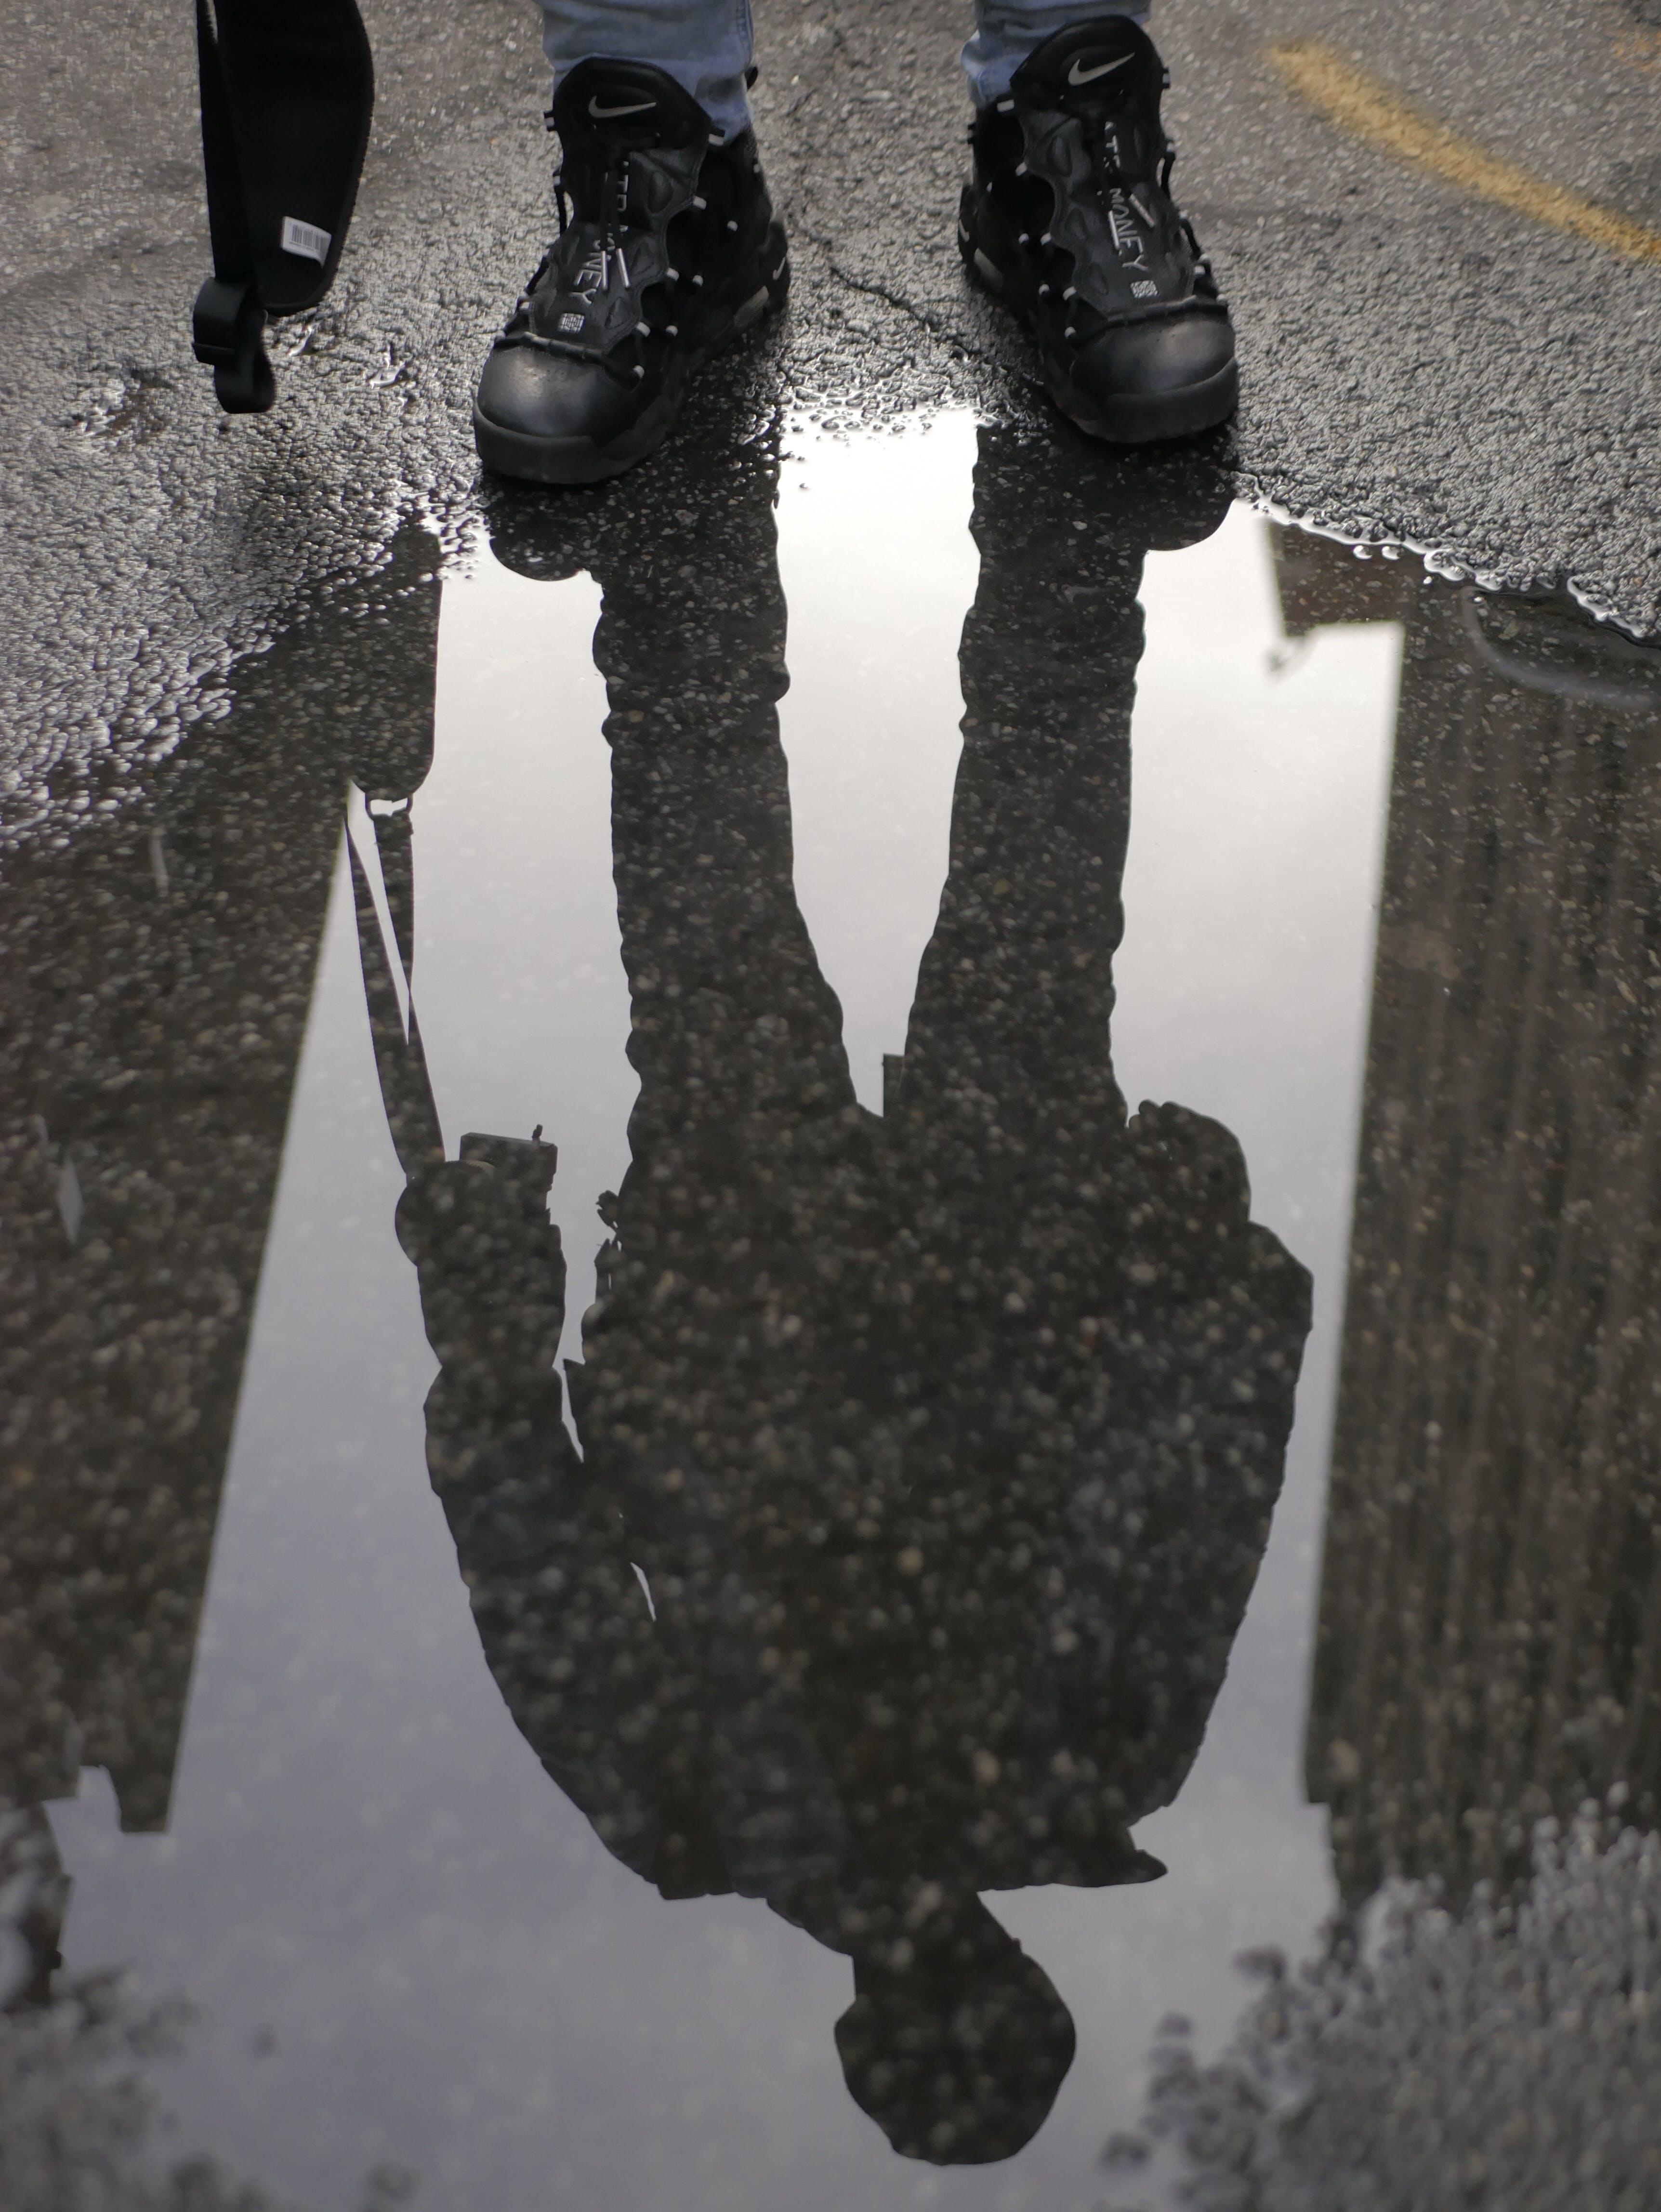 Kostenloses Stock Foto zu fußbekleidung, füße, mann, pfütze